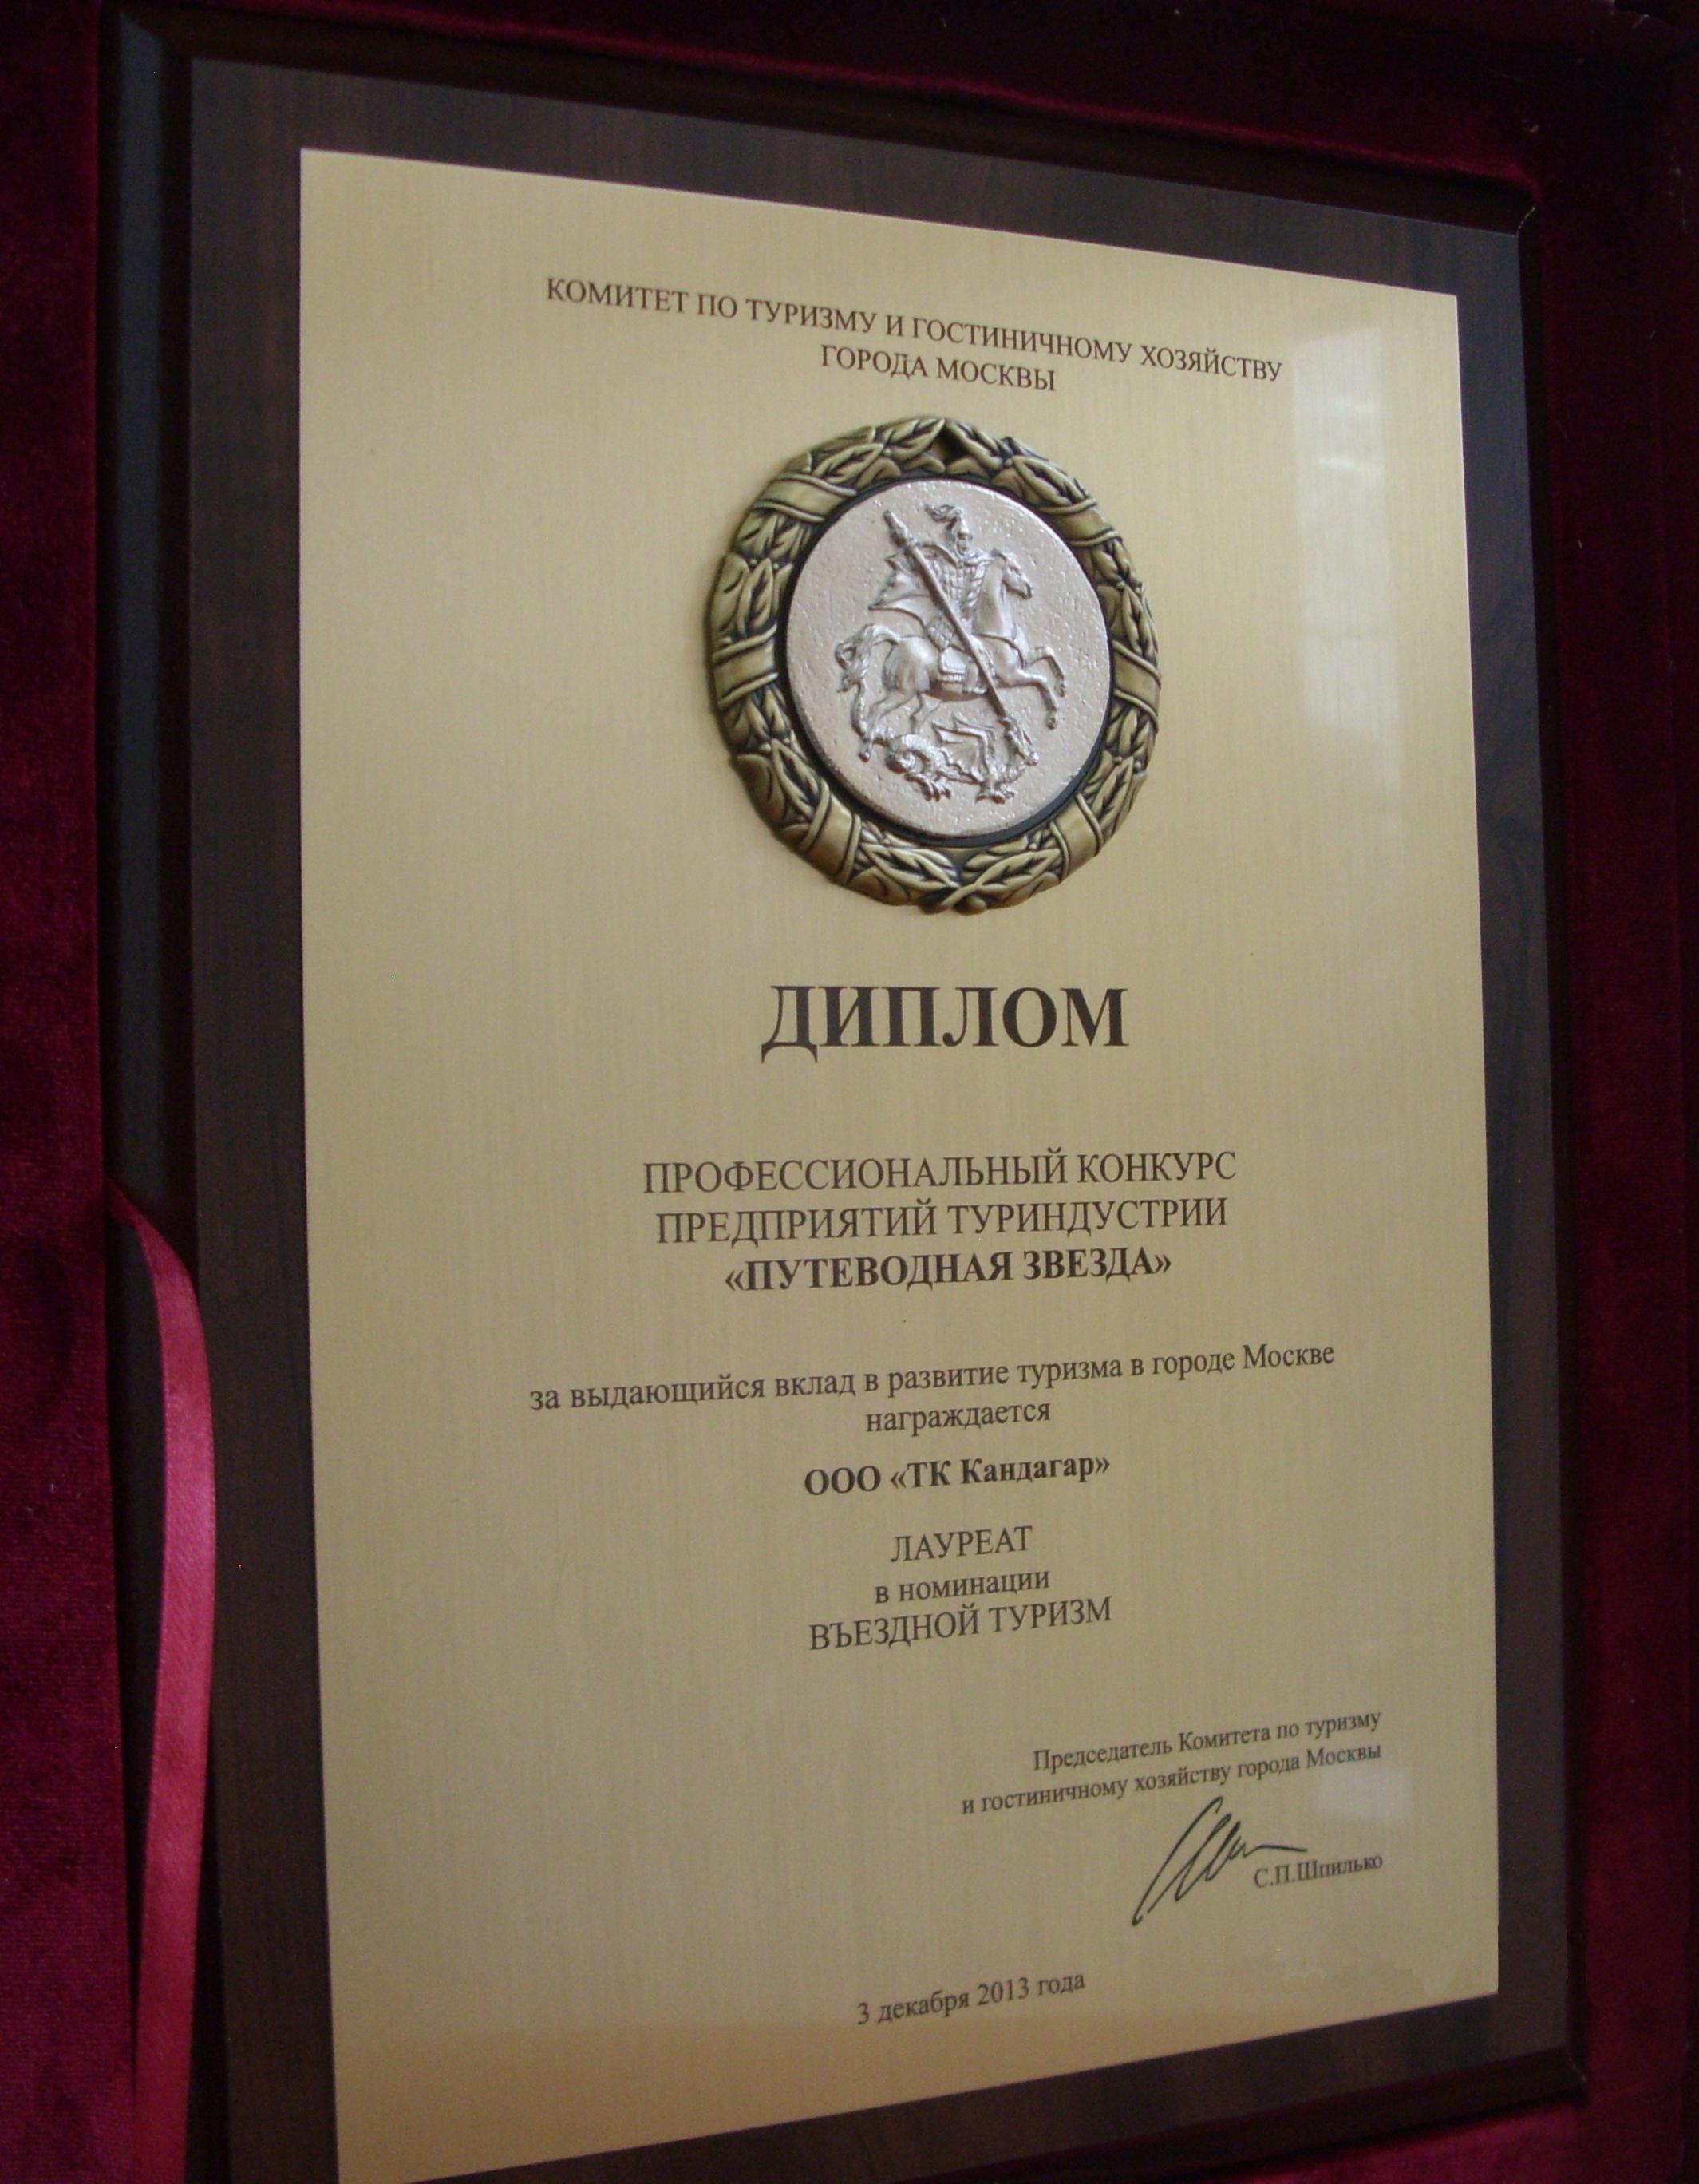 Наши награды Крымский туроператор Москва Компания получила диплом За выдающийся вклад в развитие туризма в городе Москве в номинации Въездной туризм